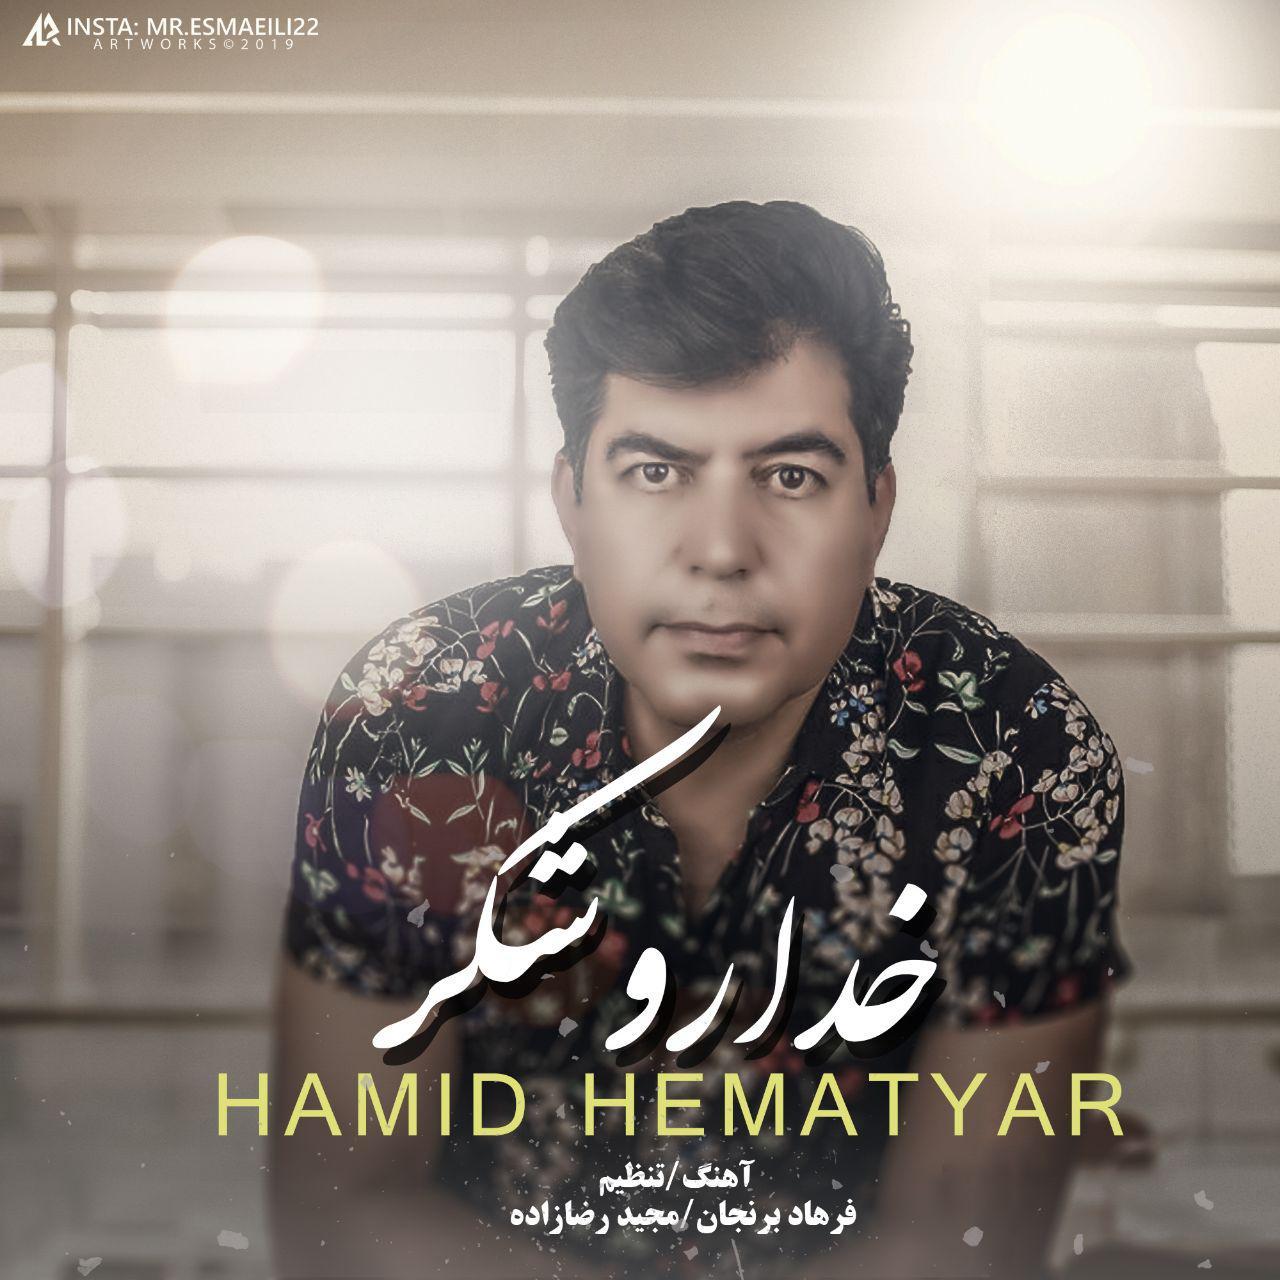 Hamid Hematyar – Khodaro Shokr